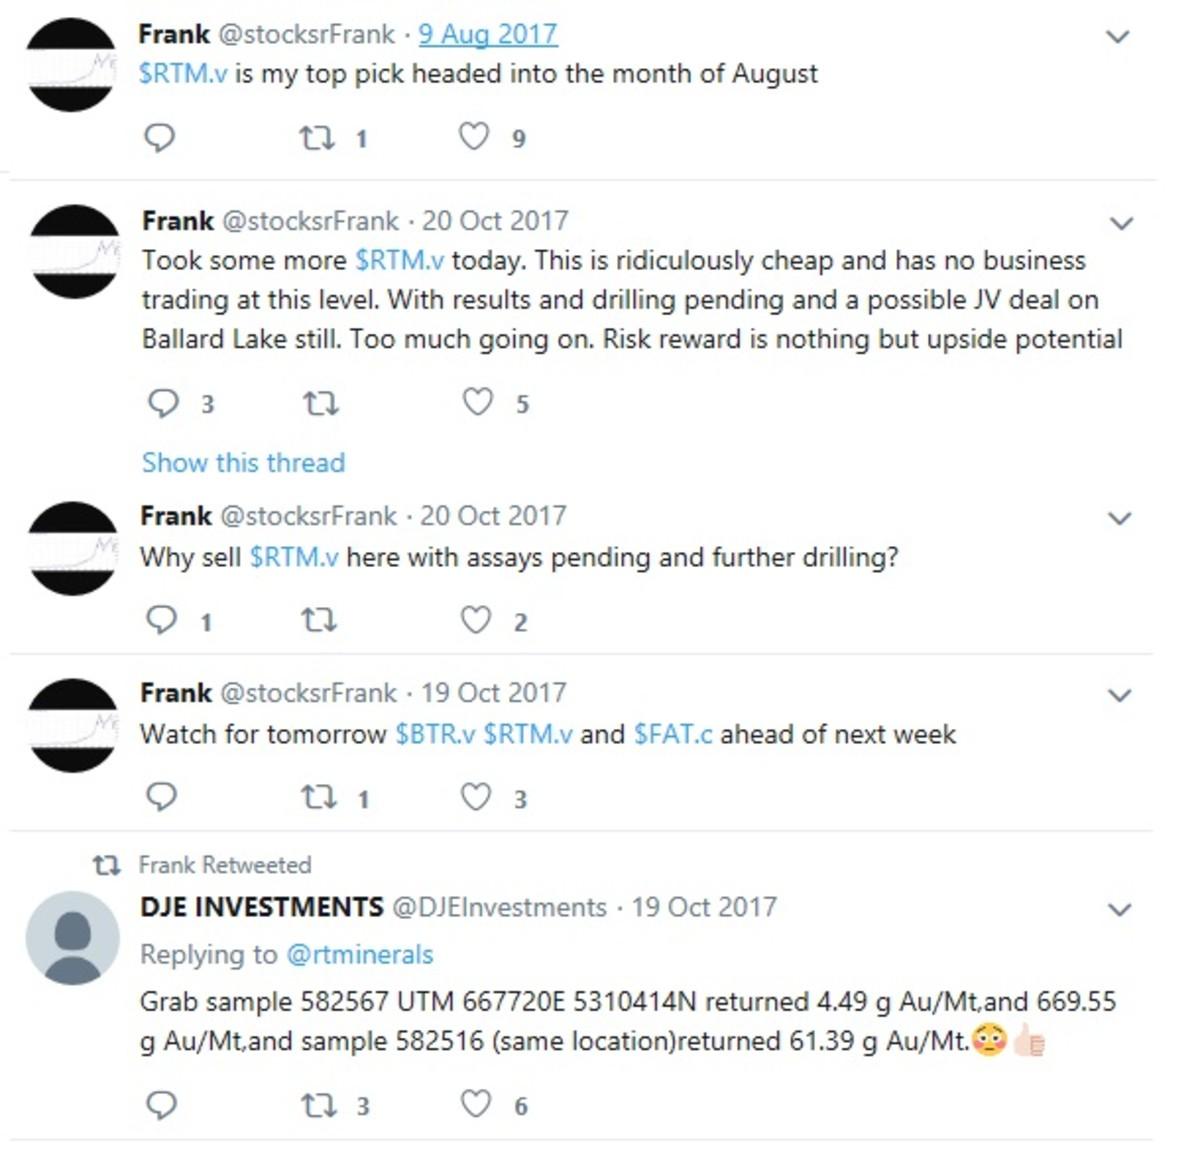 Screen captures of @stocksrFrank tweets